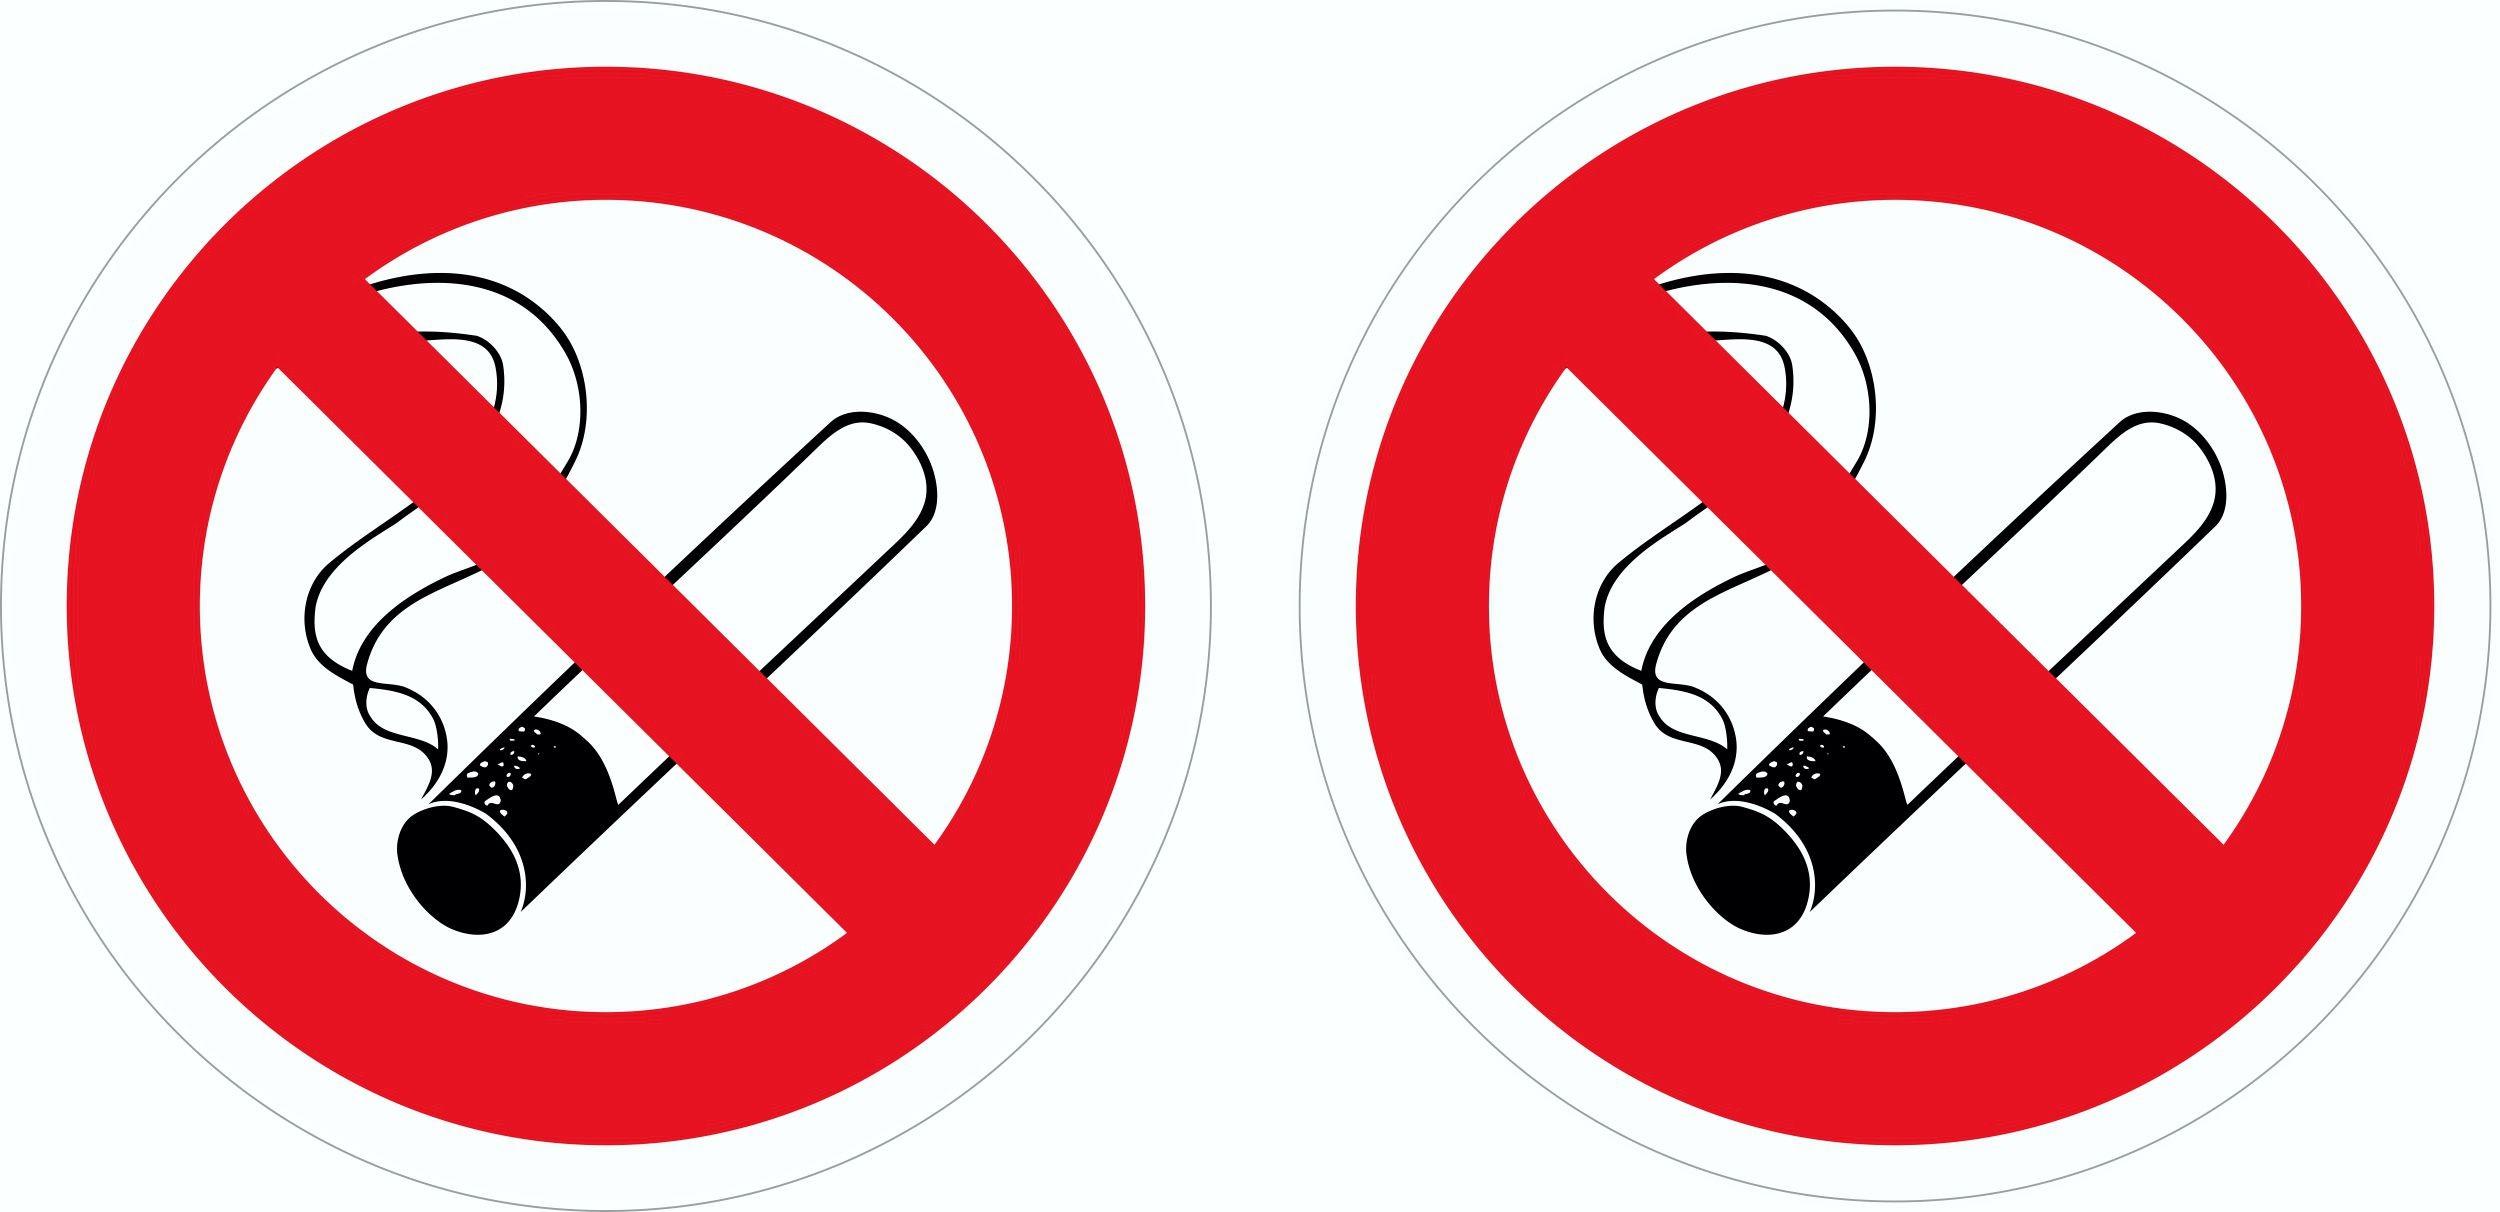 Autocollant Défense de fumer set de 2 80 x 105 mm – Bild 1